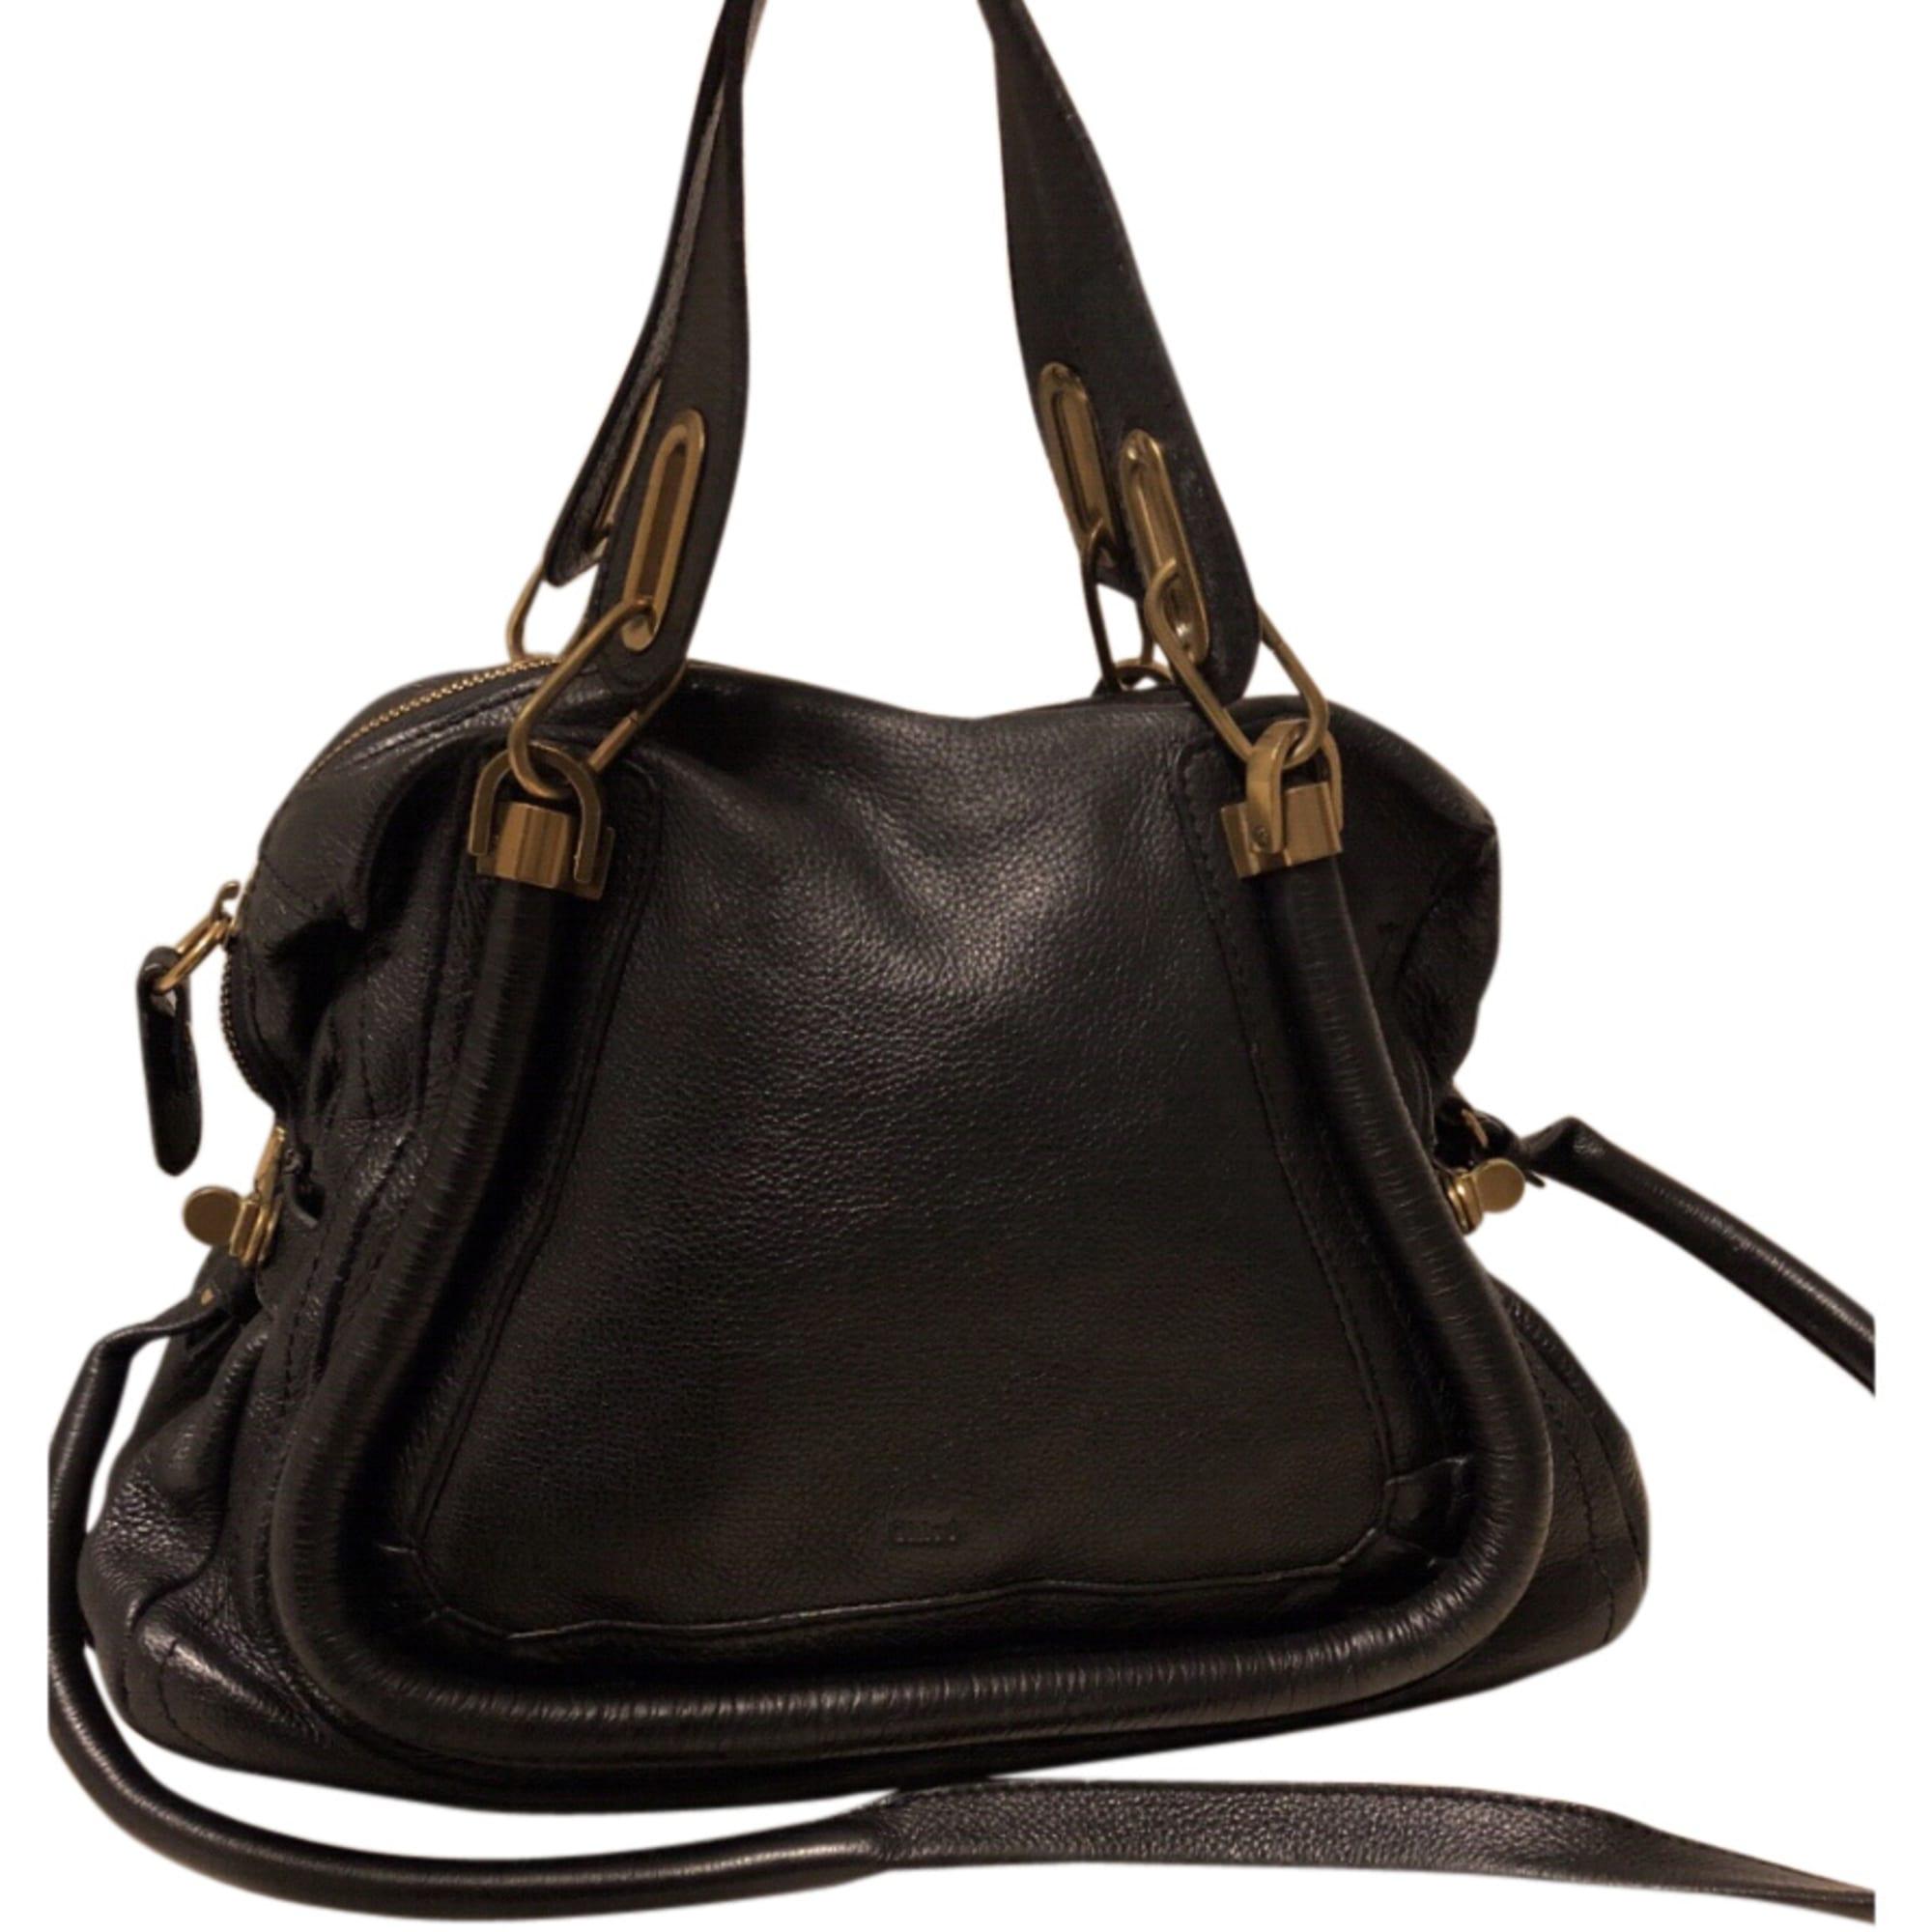 sac main en cuir chlo noir vendu par katia93867 7168324. Black Bedroom Furniture Sets. Home Design Ideas